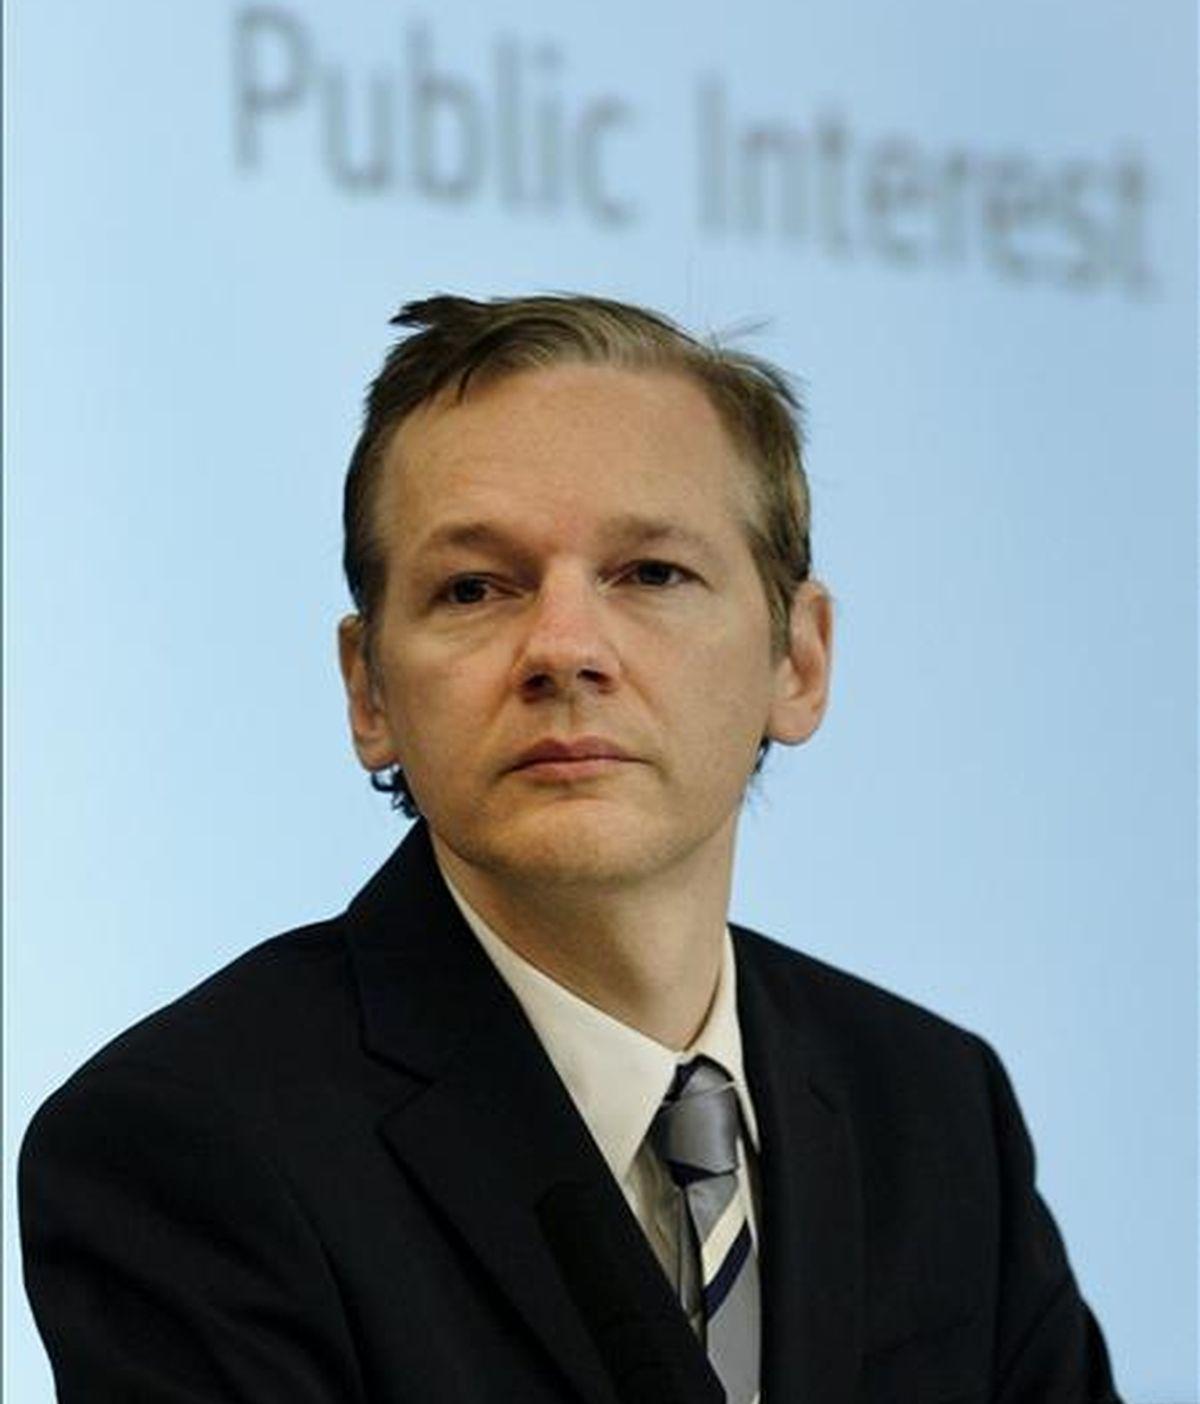 Foto de archivo del fundador del portal WikiLeaks Julian Assange durante una rueda de prensa dada en Londres (Reino Unido) el 23 de octubre de 2010. EFE/Archivo